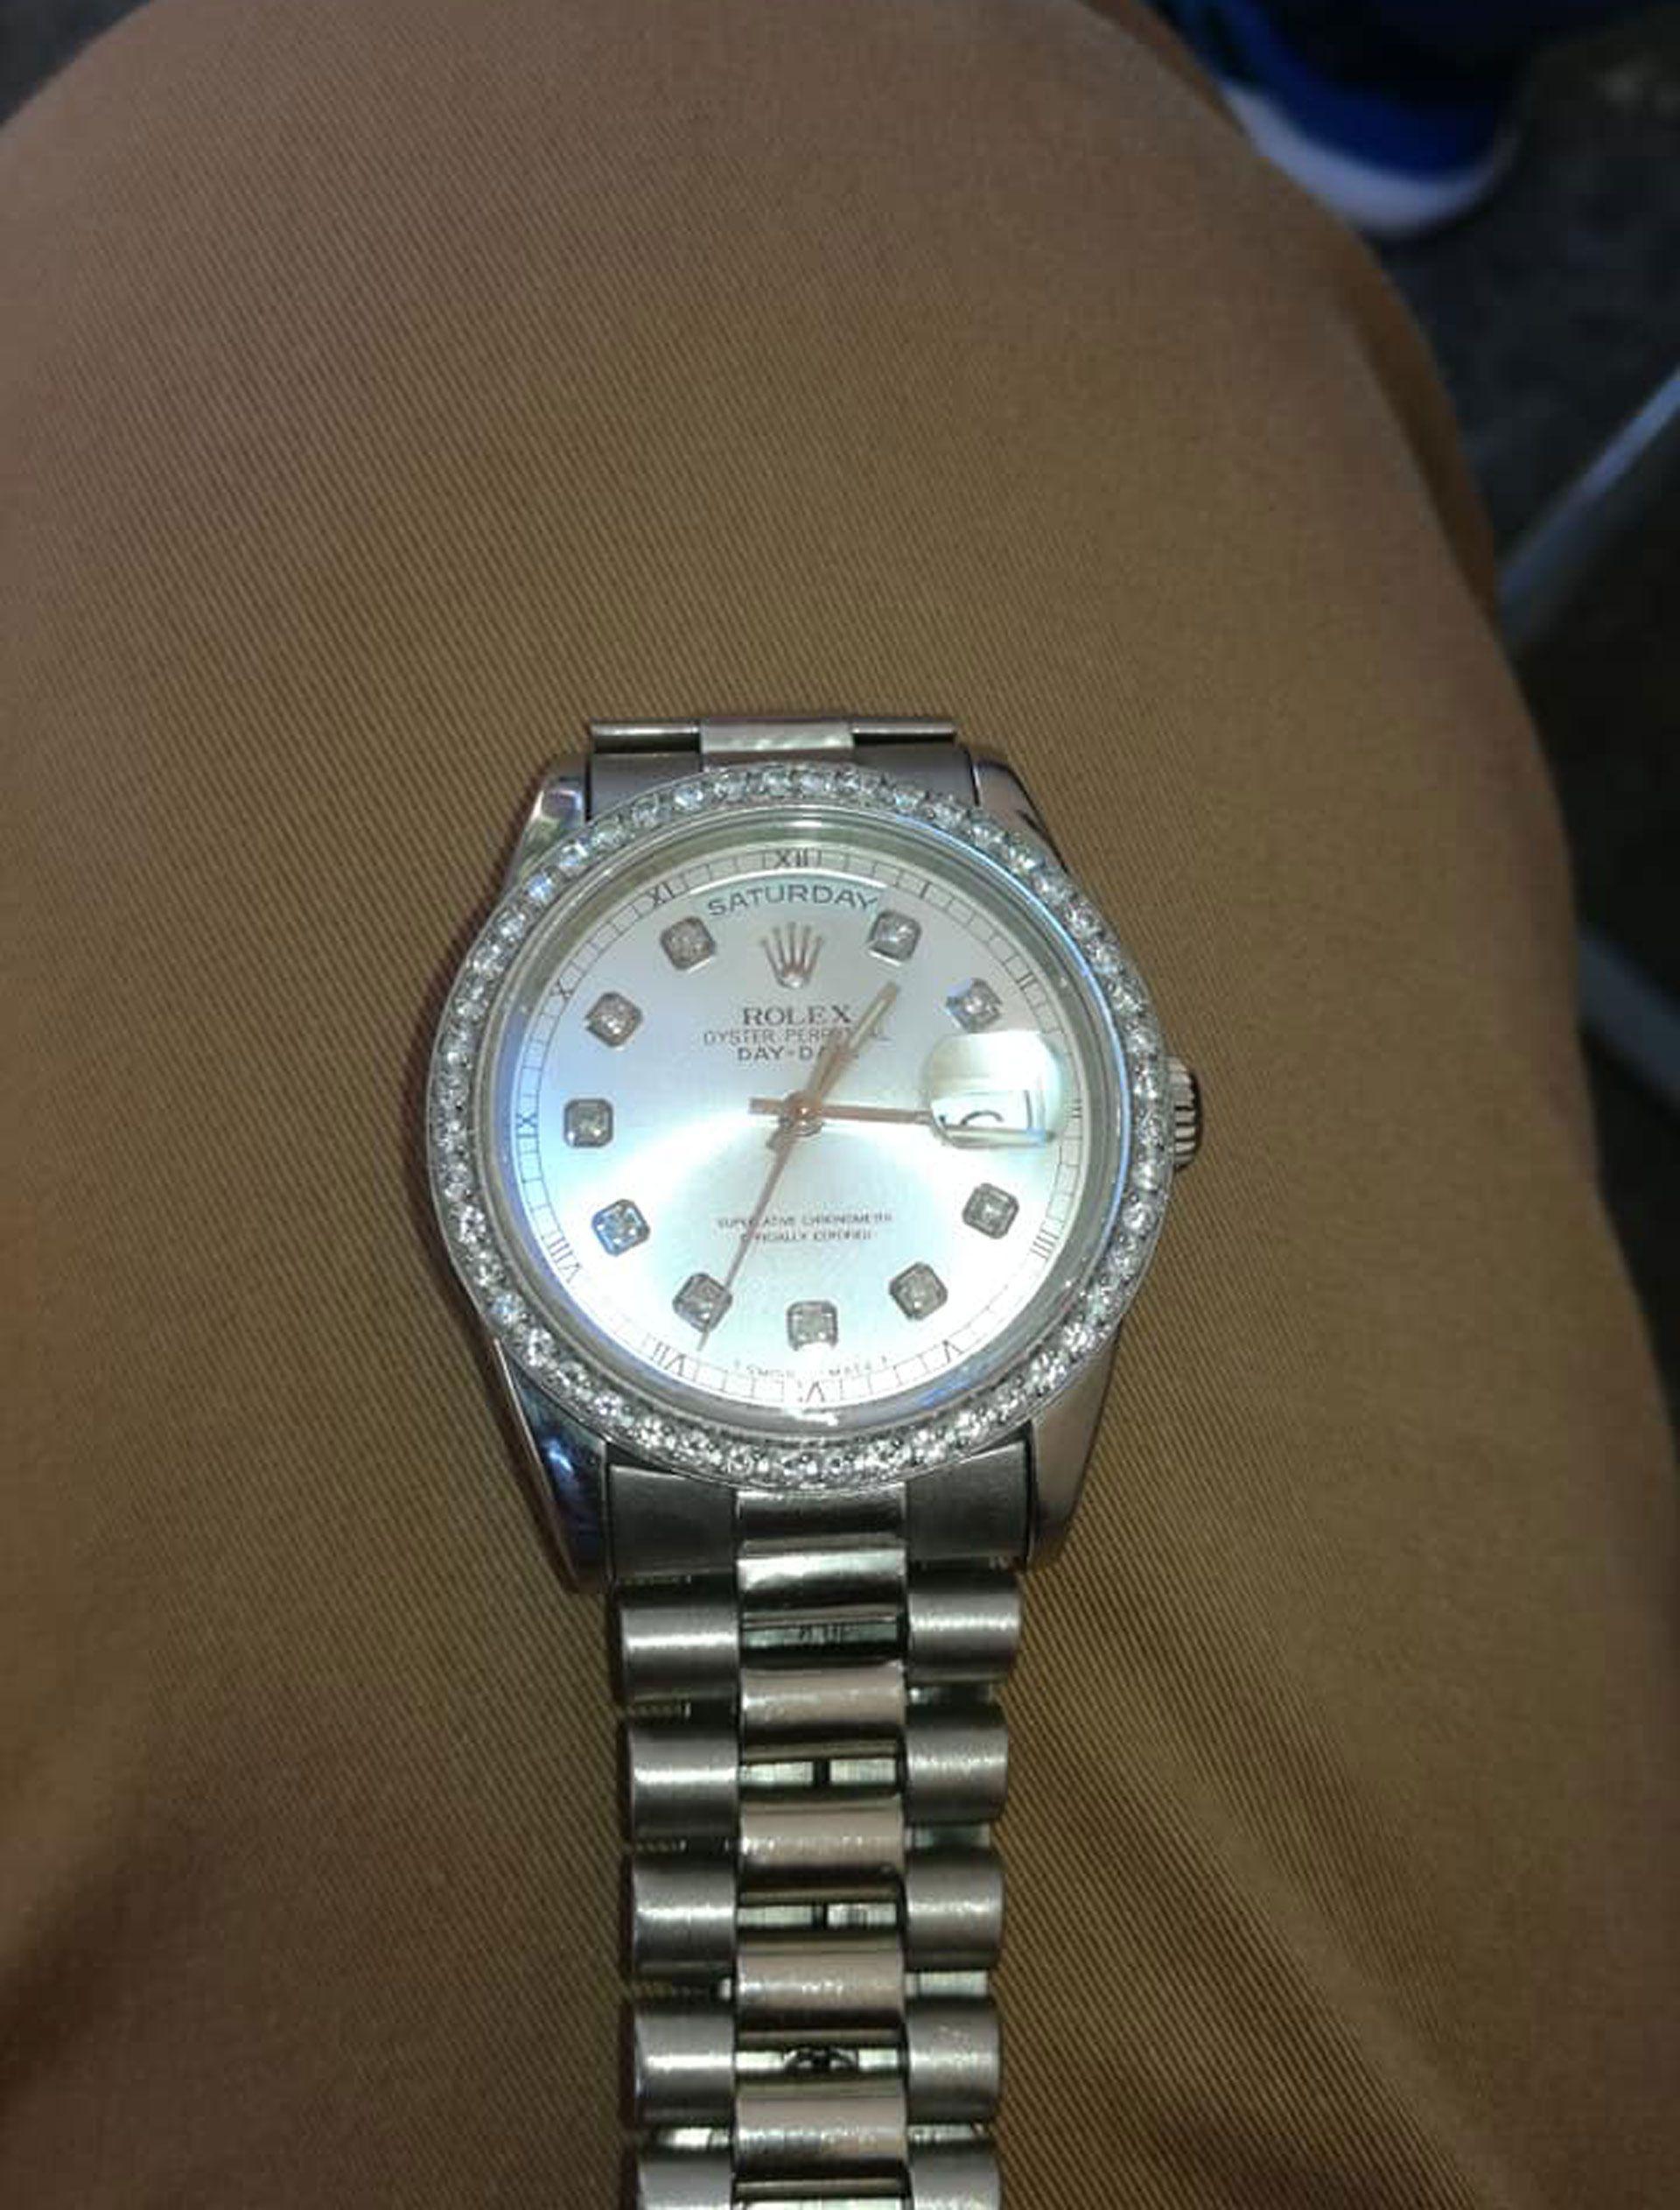 """Otro de los relojes de alta gama que """"La banda del Tío Relojero"""" había robado a turistas y ofrecía en las redes sociales"""